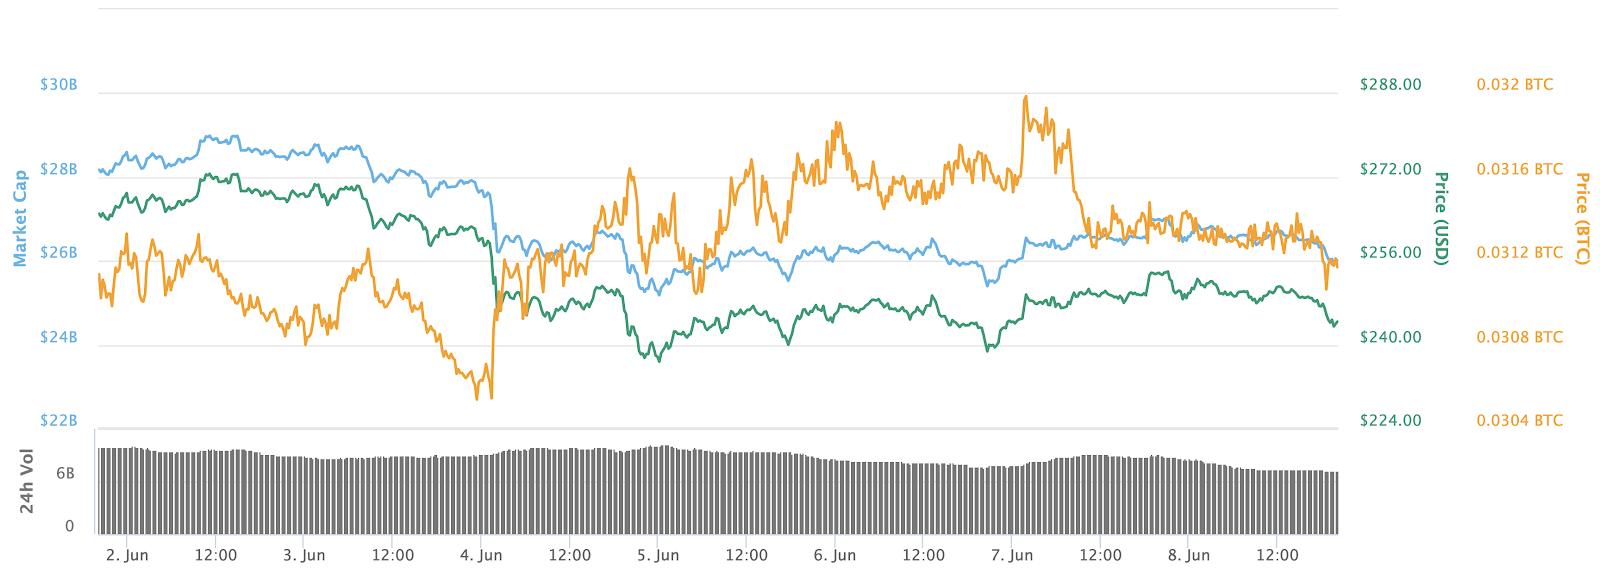 Gráfico de preços de 7 dias do Éter.  Fonte: CoinMarketCap